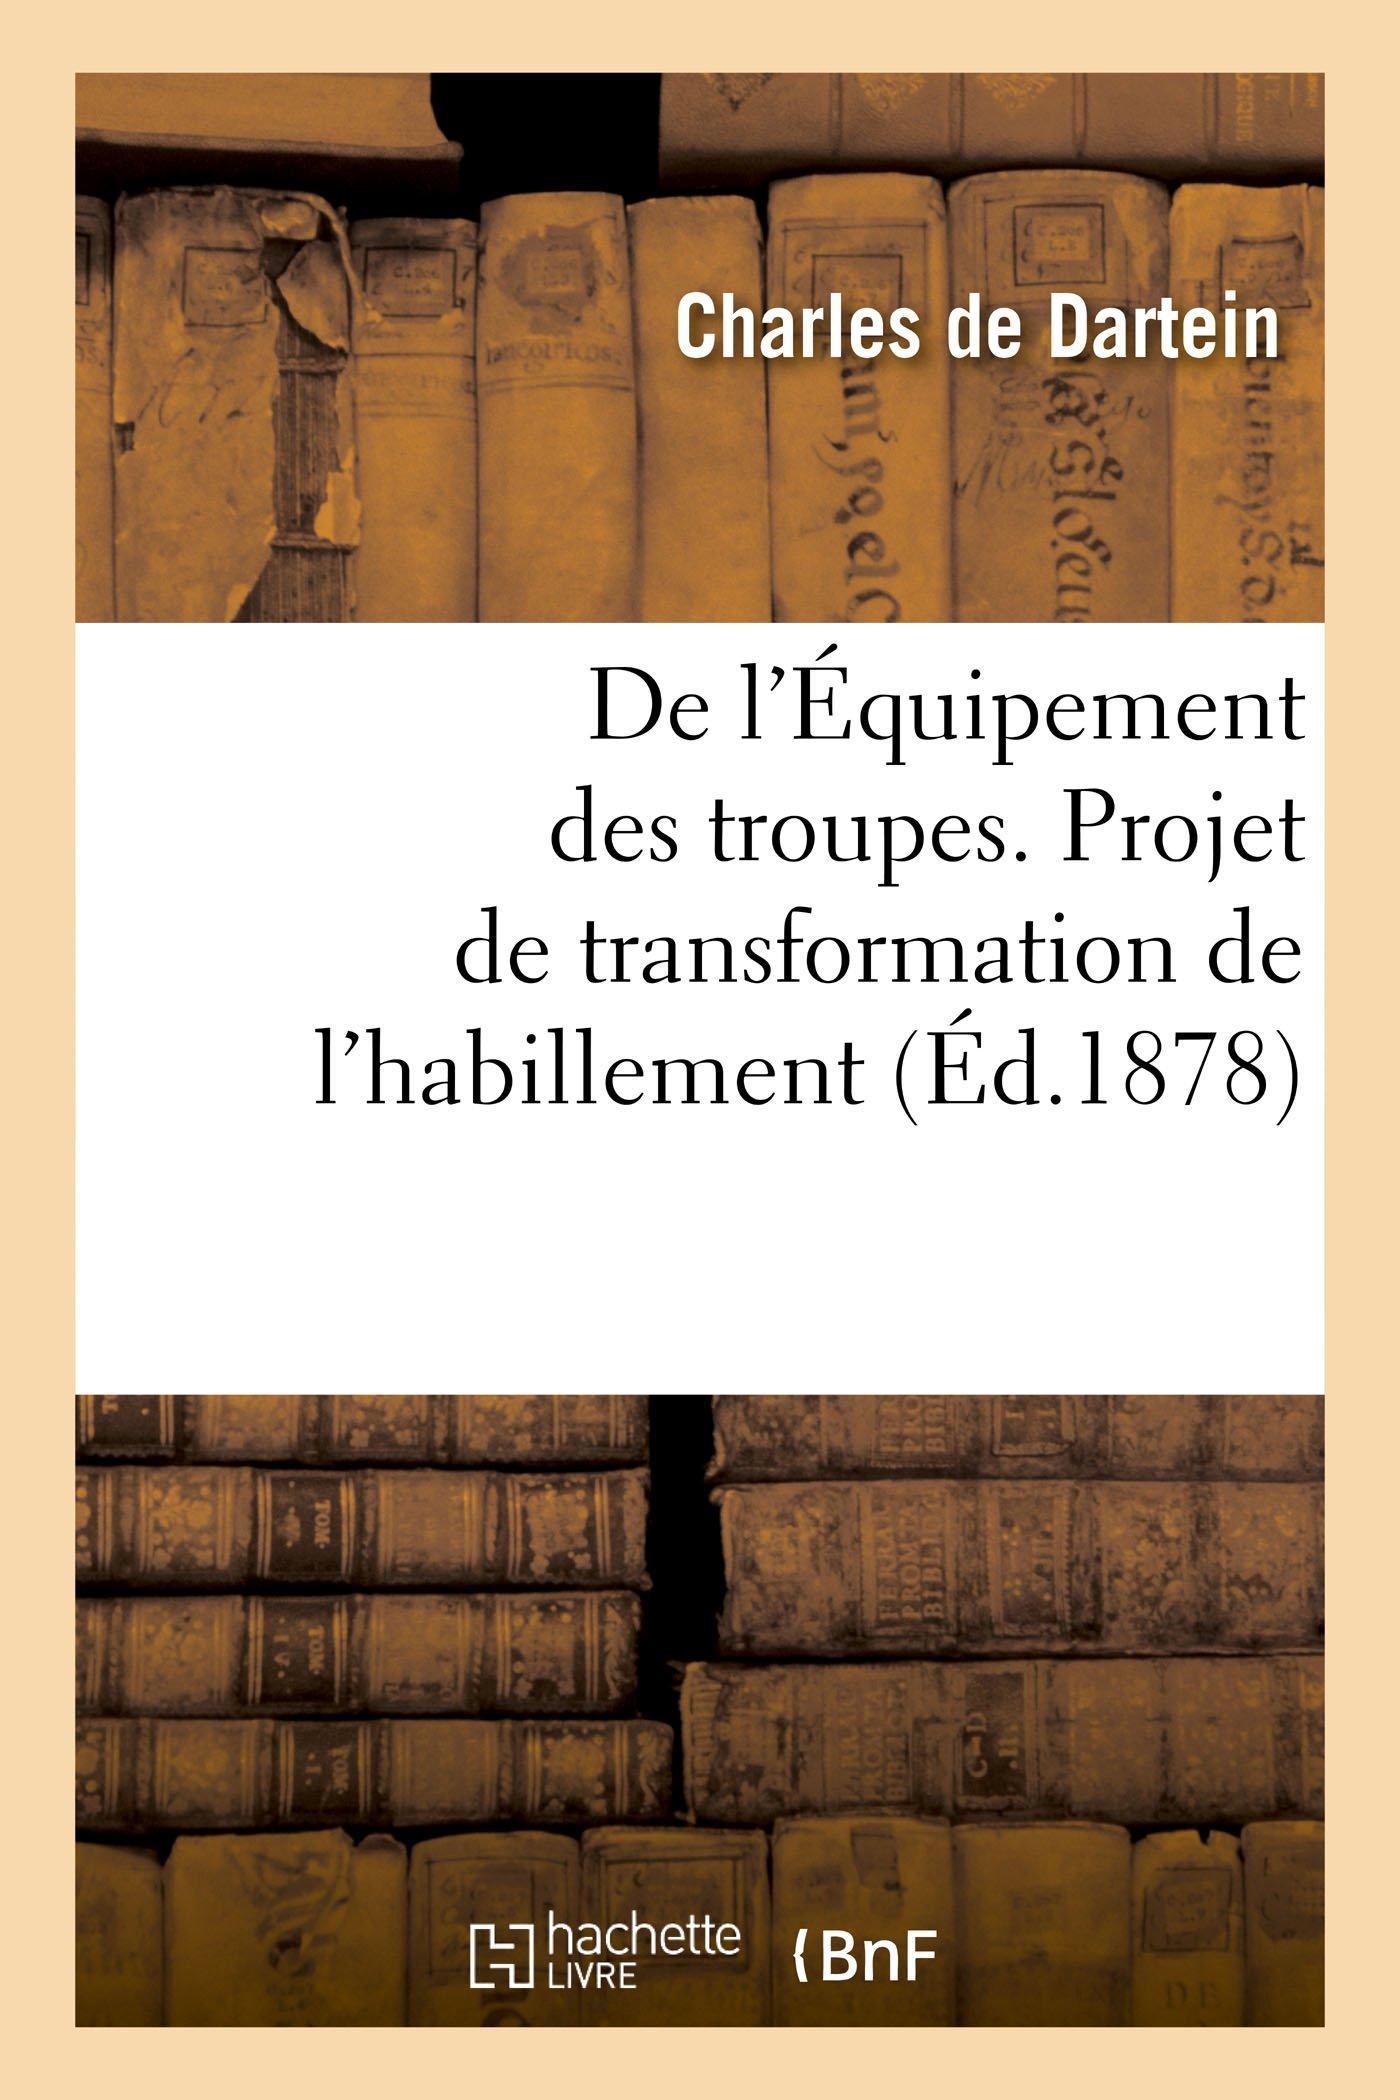 Général La Troupes Projet Coiffure Troupes Transformation Et L'infanterie En De Chaussure L'habillement Des L'équipement Particulièrement tEqWwYP